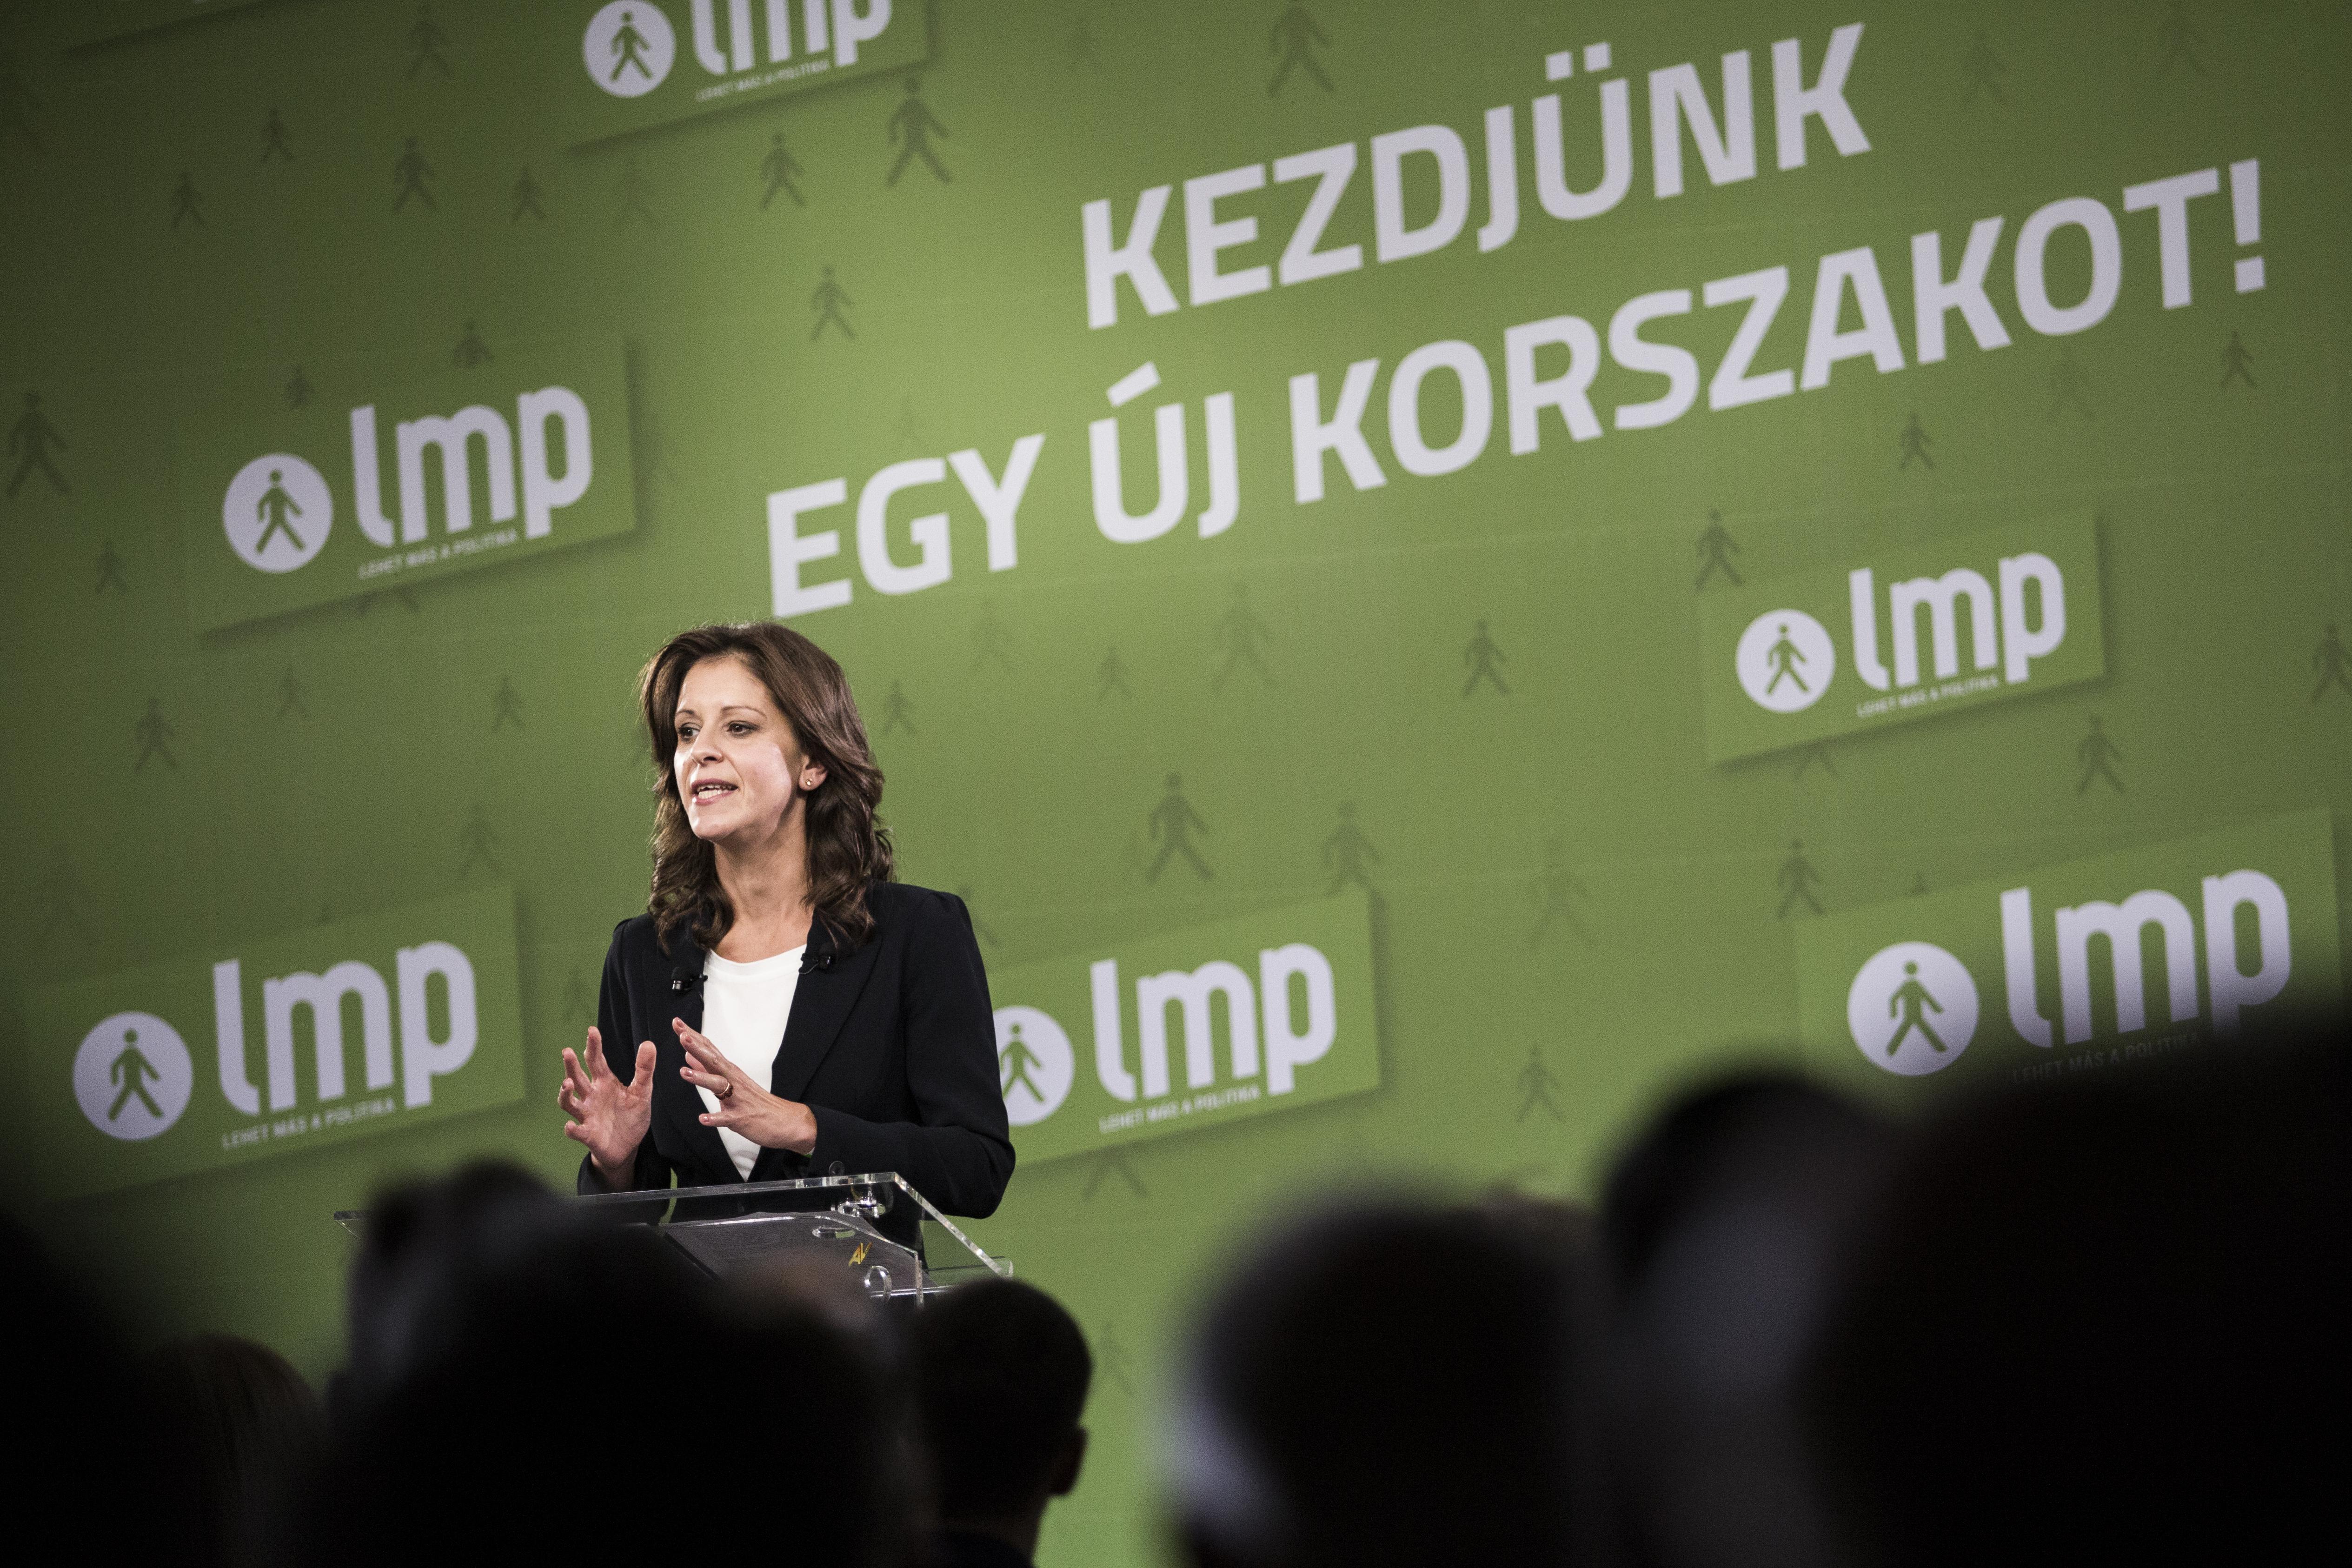 LMP: Az ellenzéki pártok működjenek együtt, hogy minden szavazókörben legyen a kormánytól független delegált!